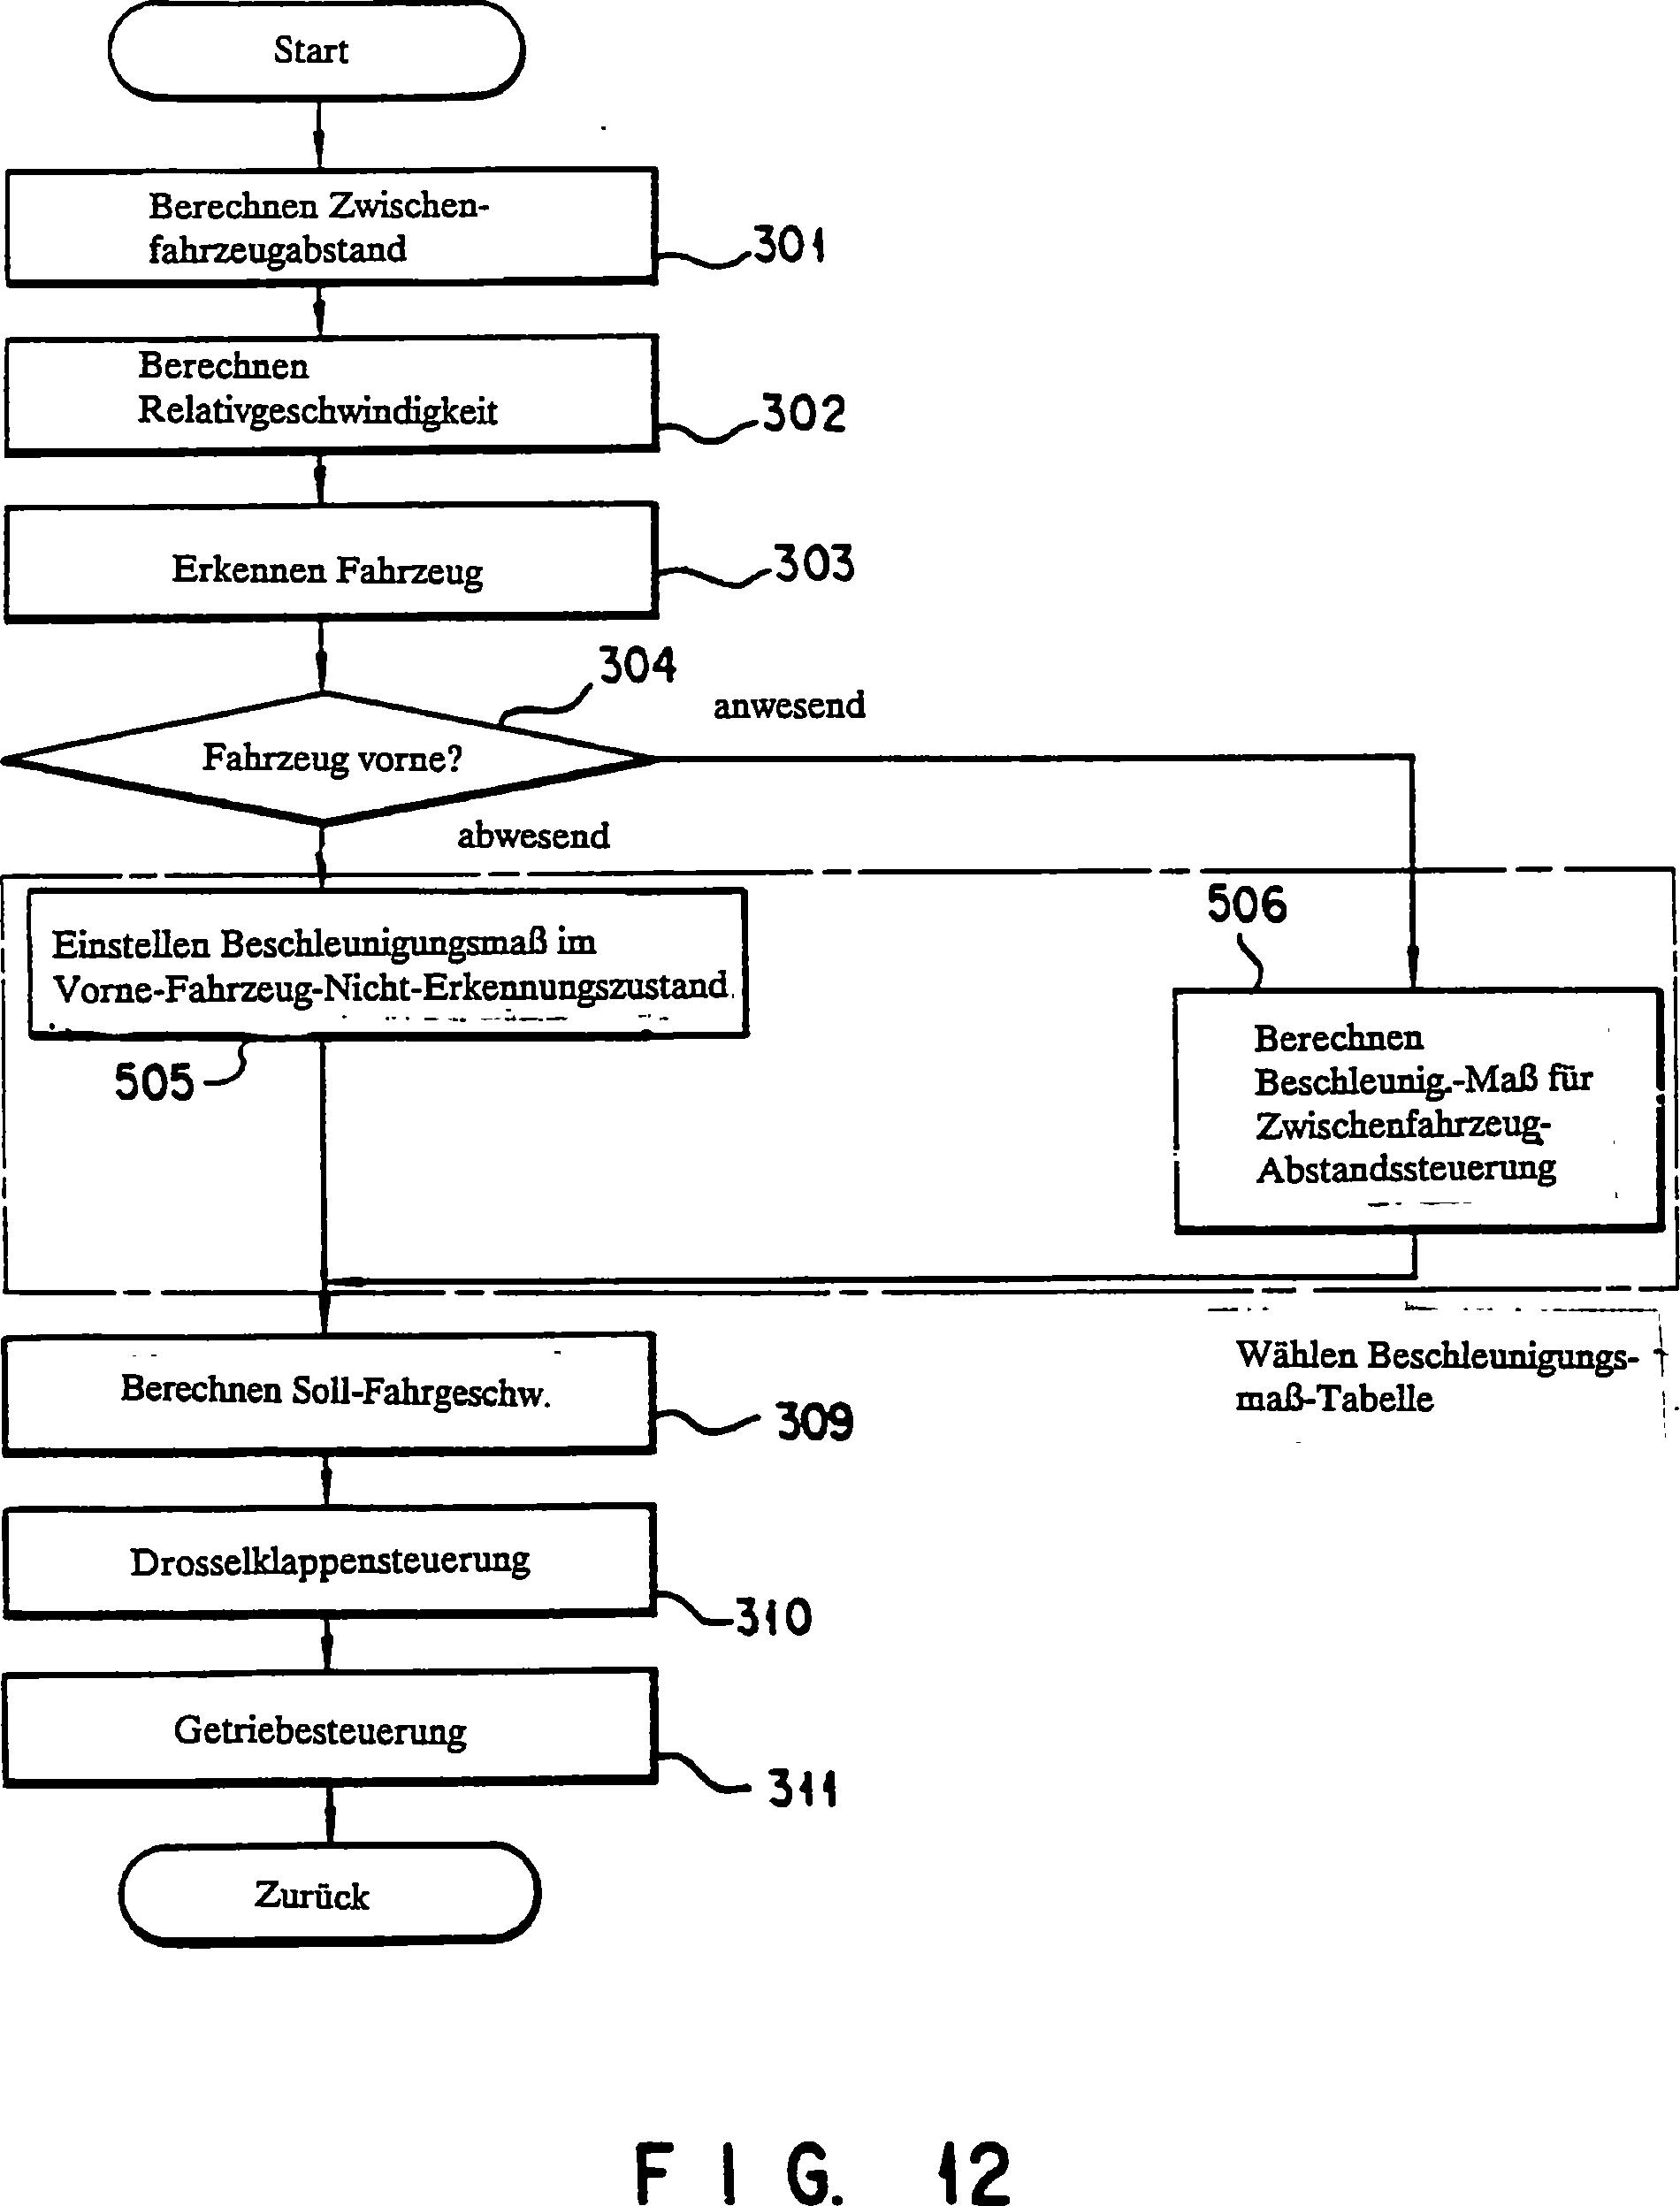 darstellende matrix bezüglich basis